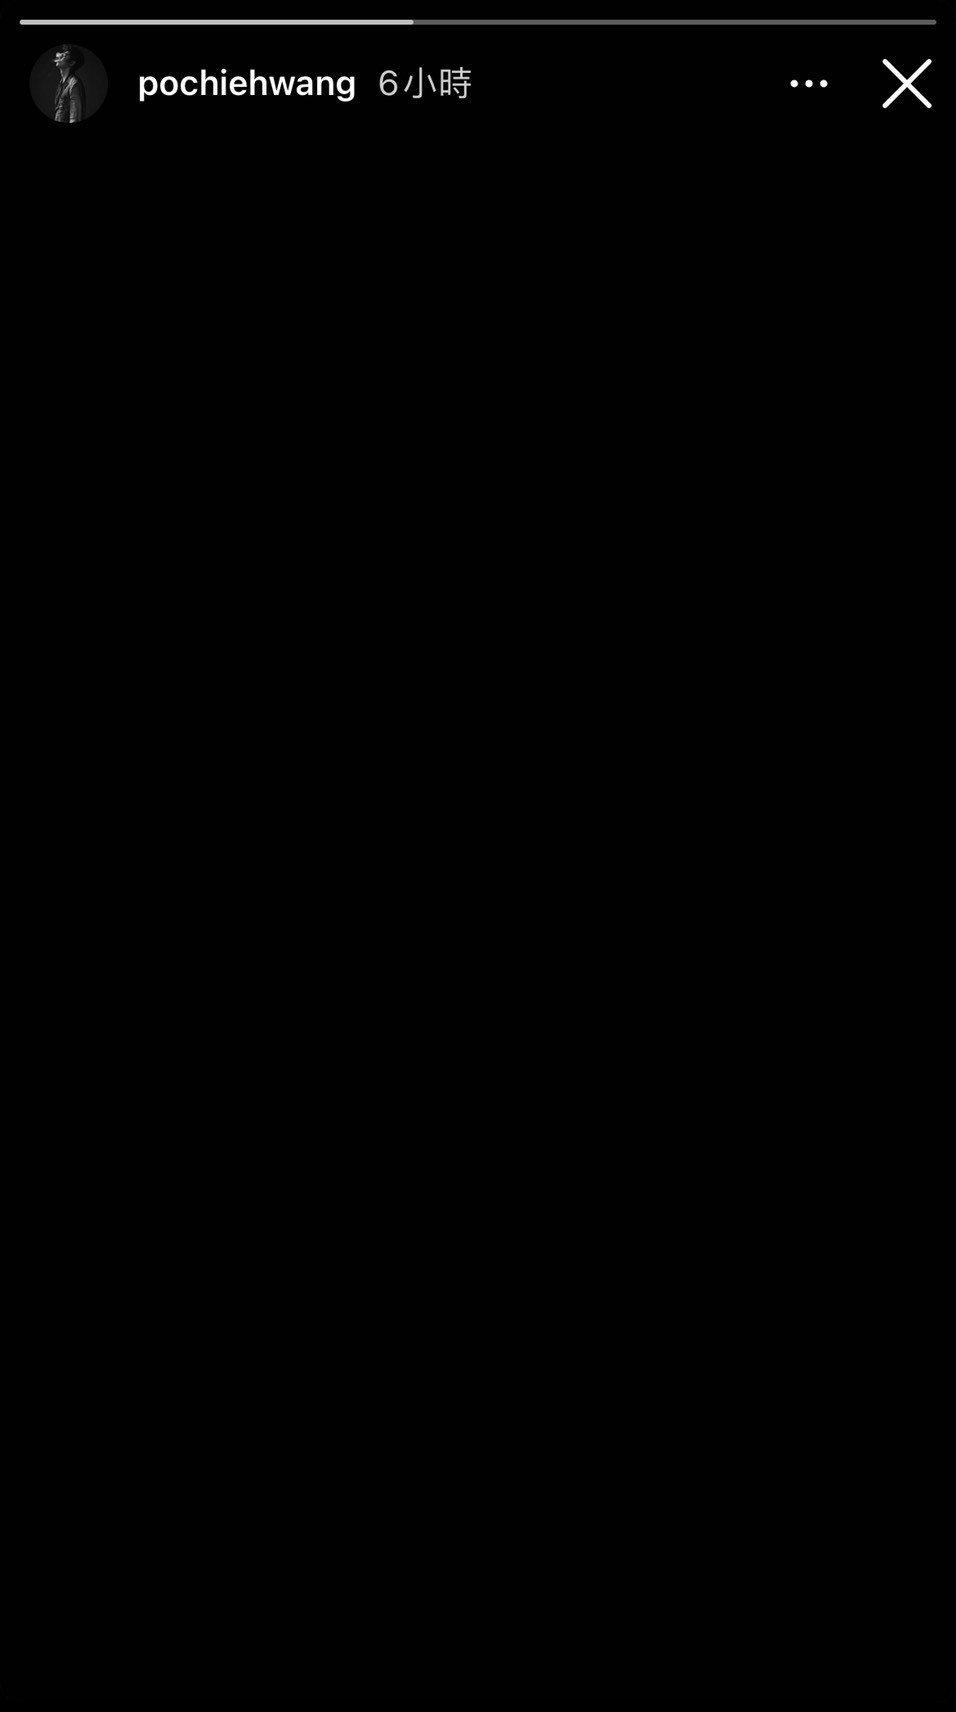 王柏傑IG放出黑畫面。圖/摘自IG